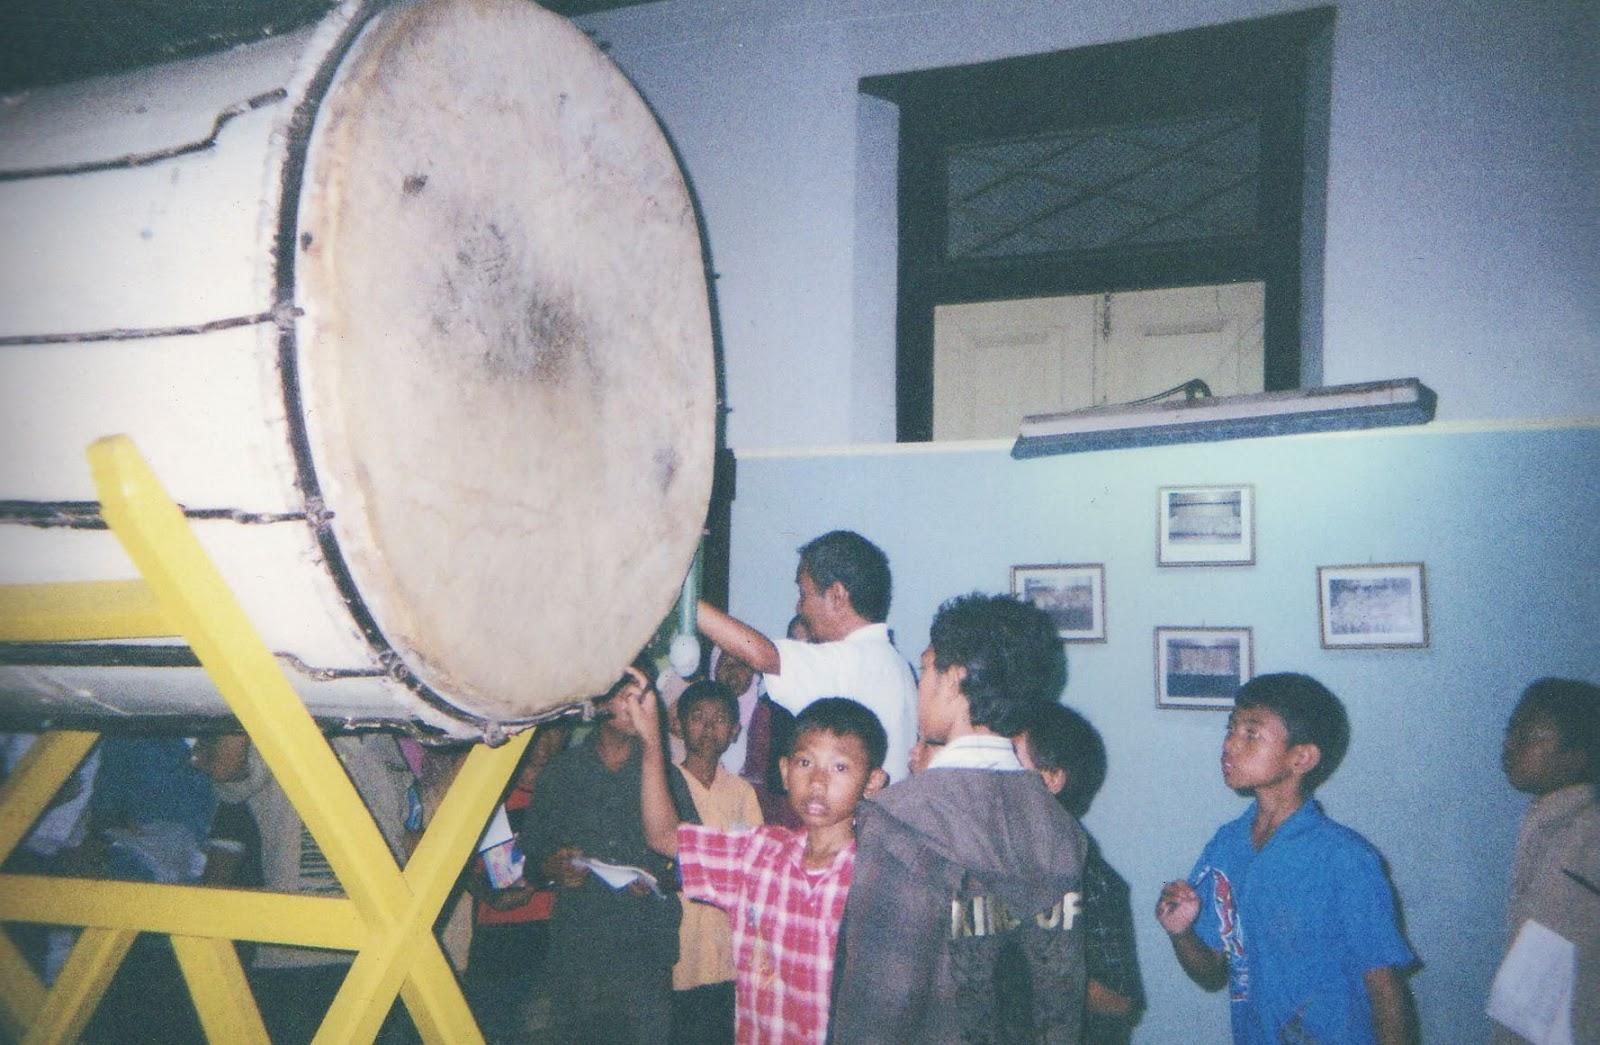 Mengunjungi Museum Kambang Putih Tuban Bilik Merah Bedug Kuno Masjid